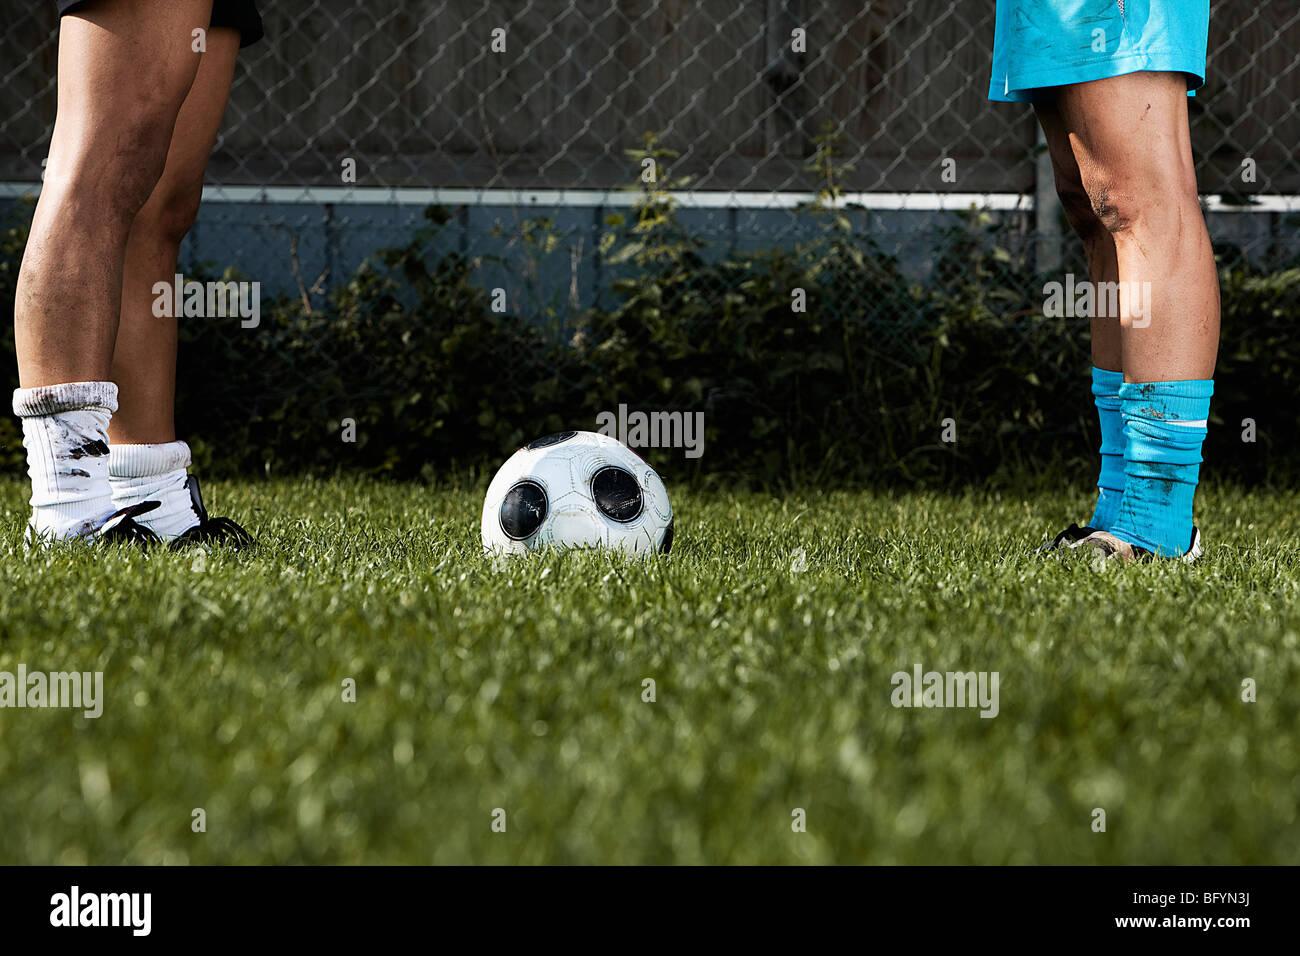 Detail von Angesicht zu Angesicht stehen zwei weibliche Fußballspieler Stockbild